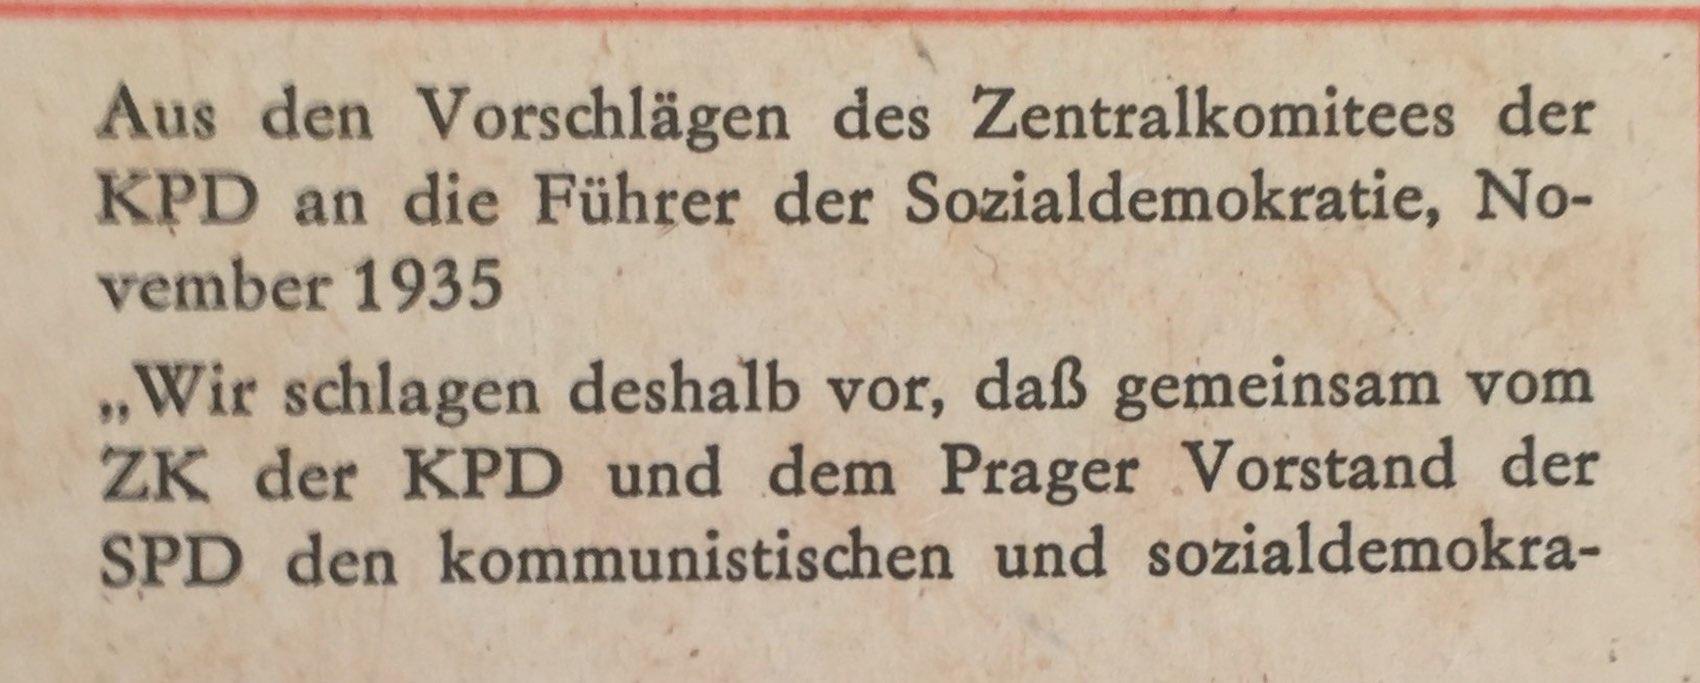 aus Vorschlägen des ZK der KPD an Führer der Sozialdemokratie, November 1935